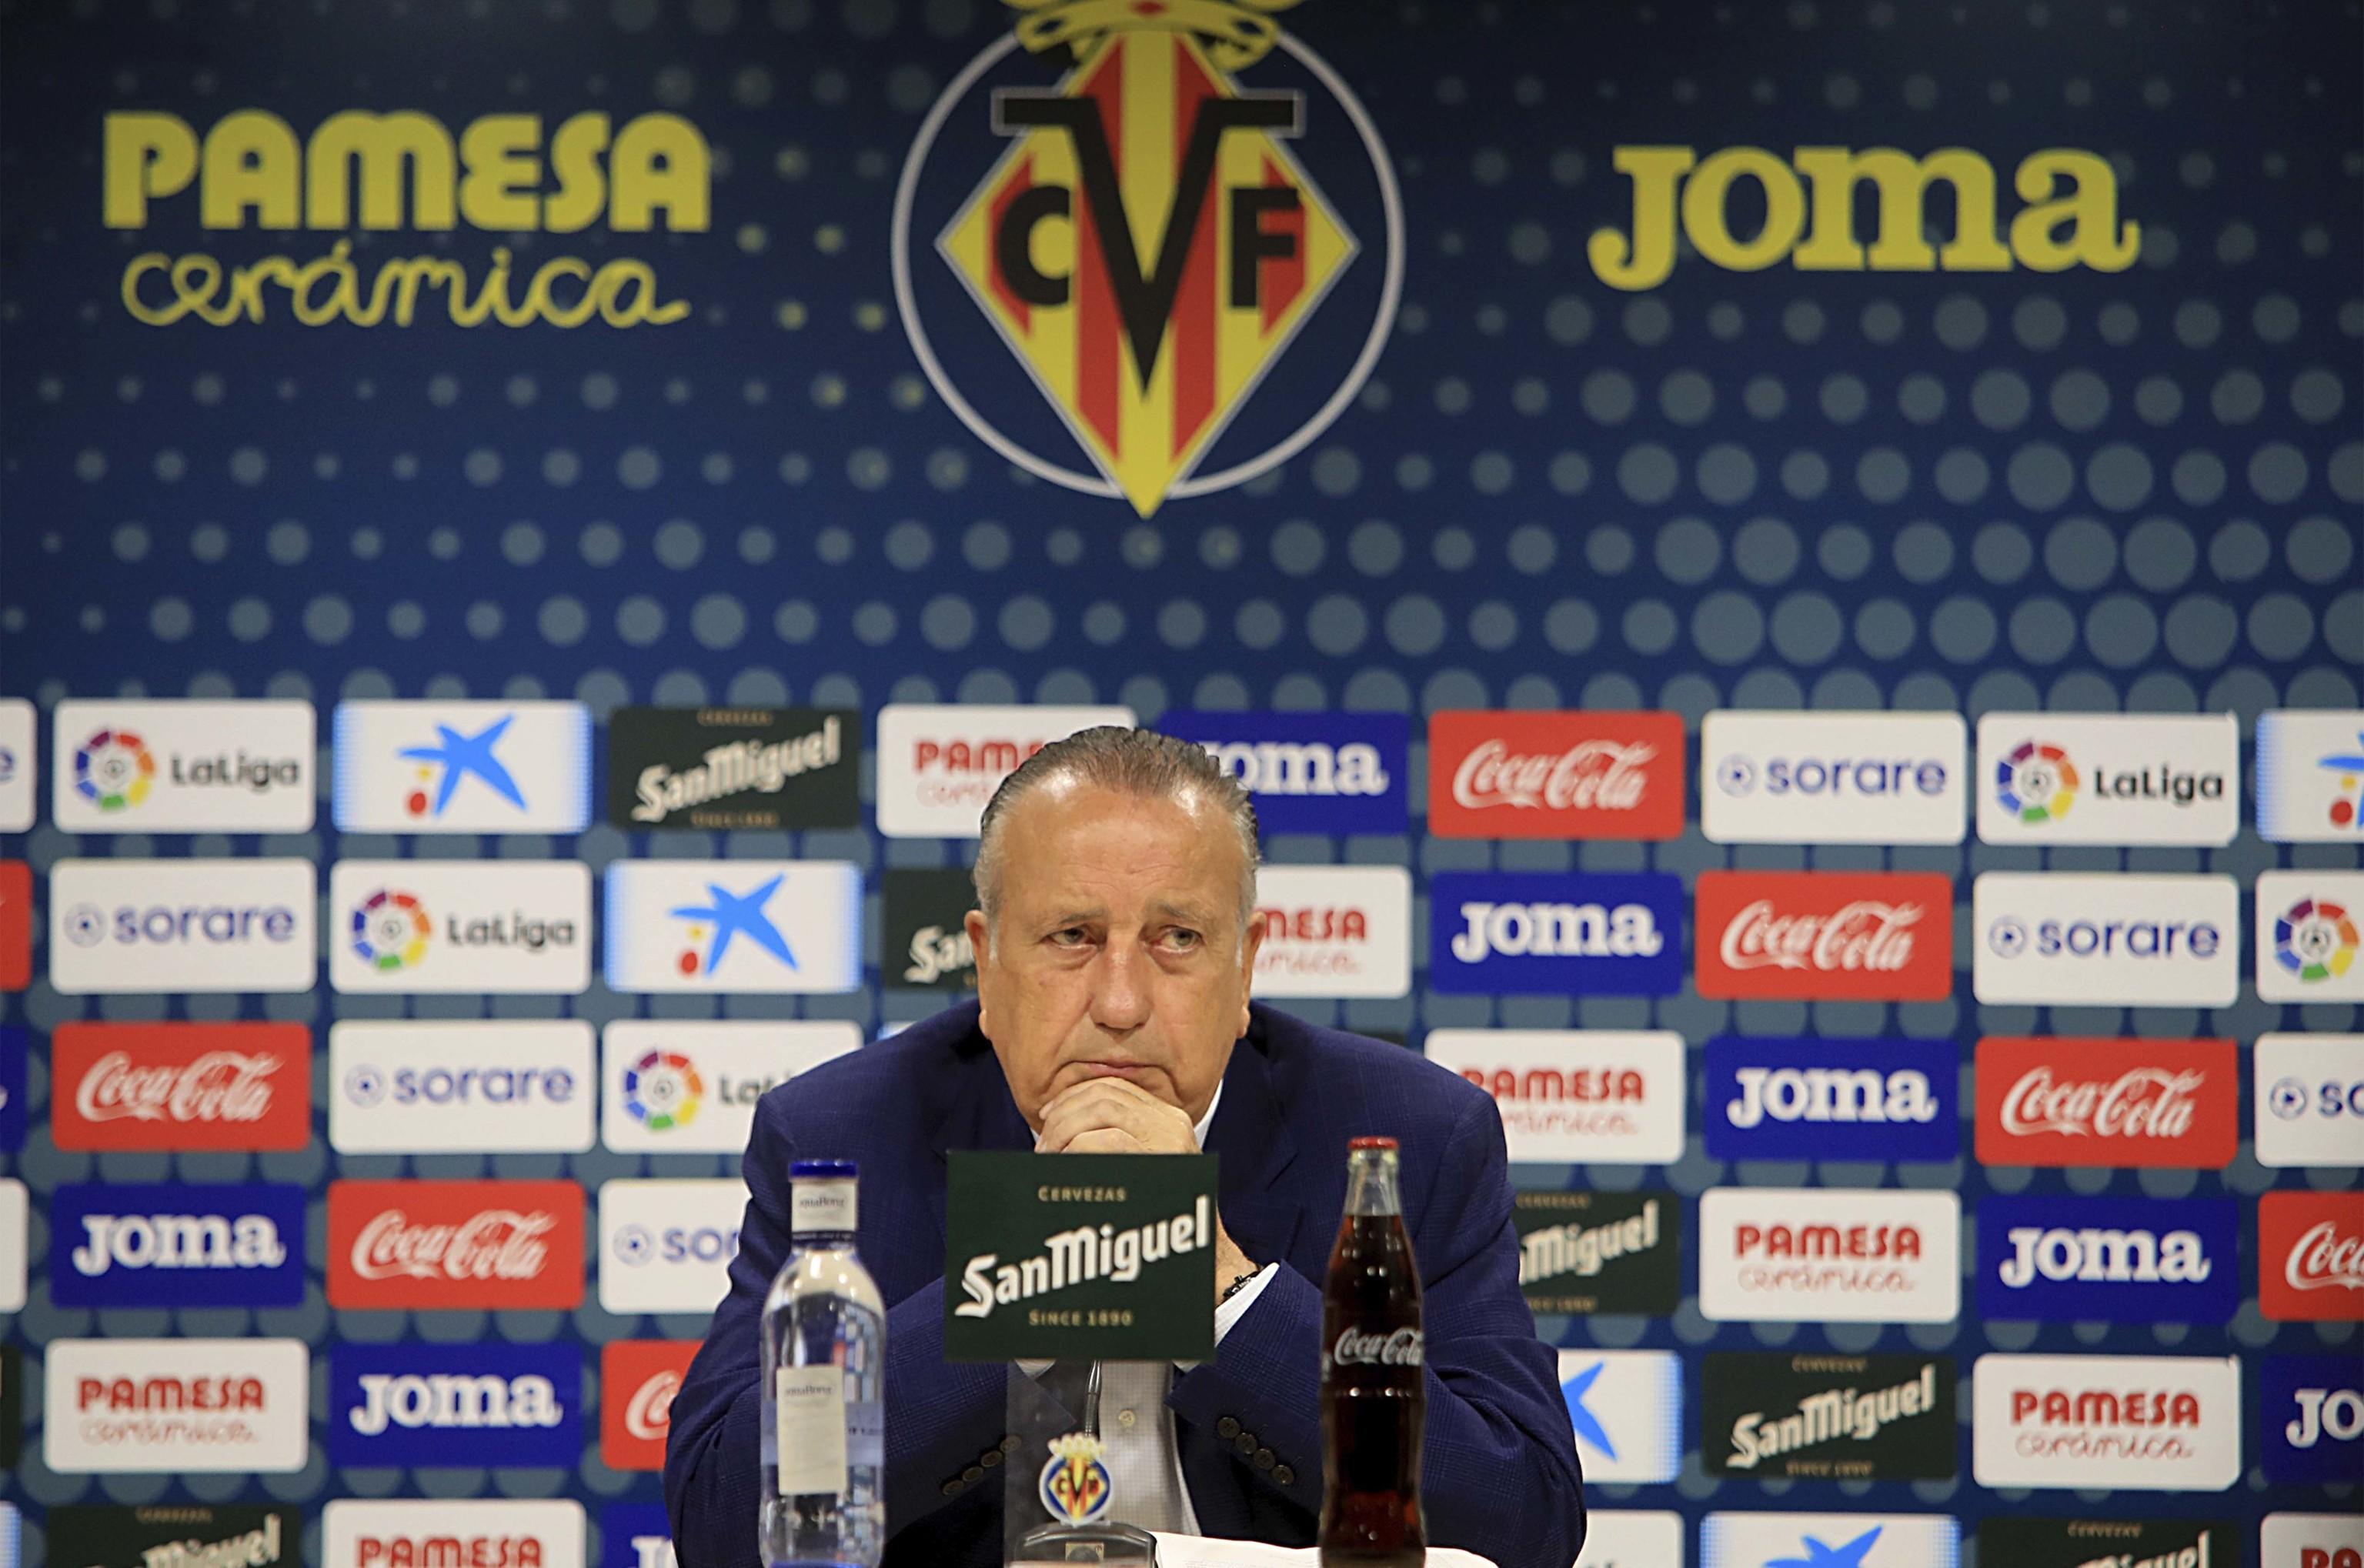 El presidente del Villarreal, Fernando Roig durante su comparecencia ante los medios en la sala de prensa del Estadio de la Cerámica.